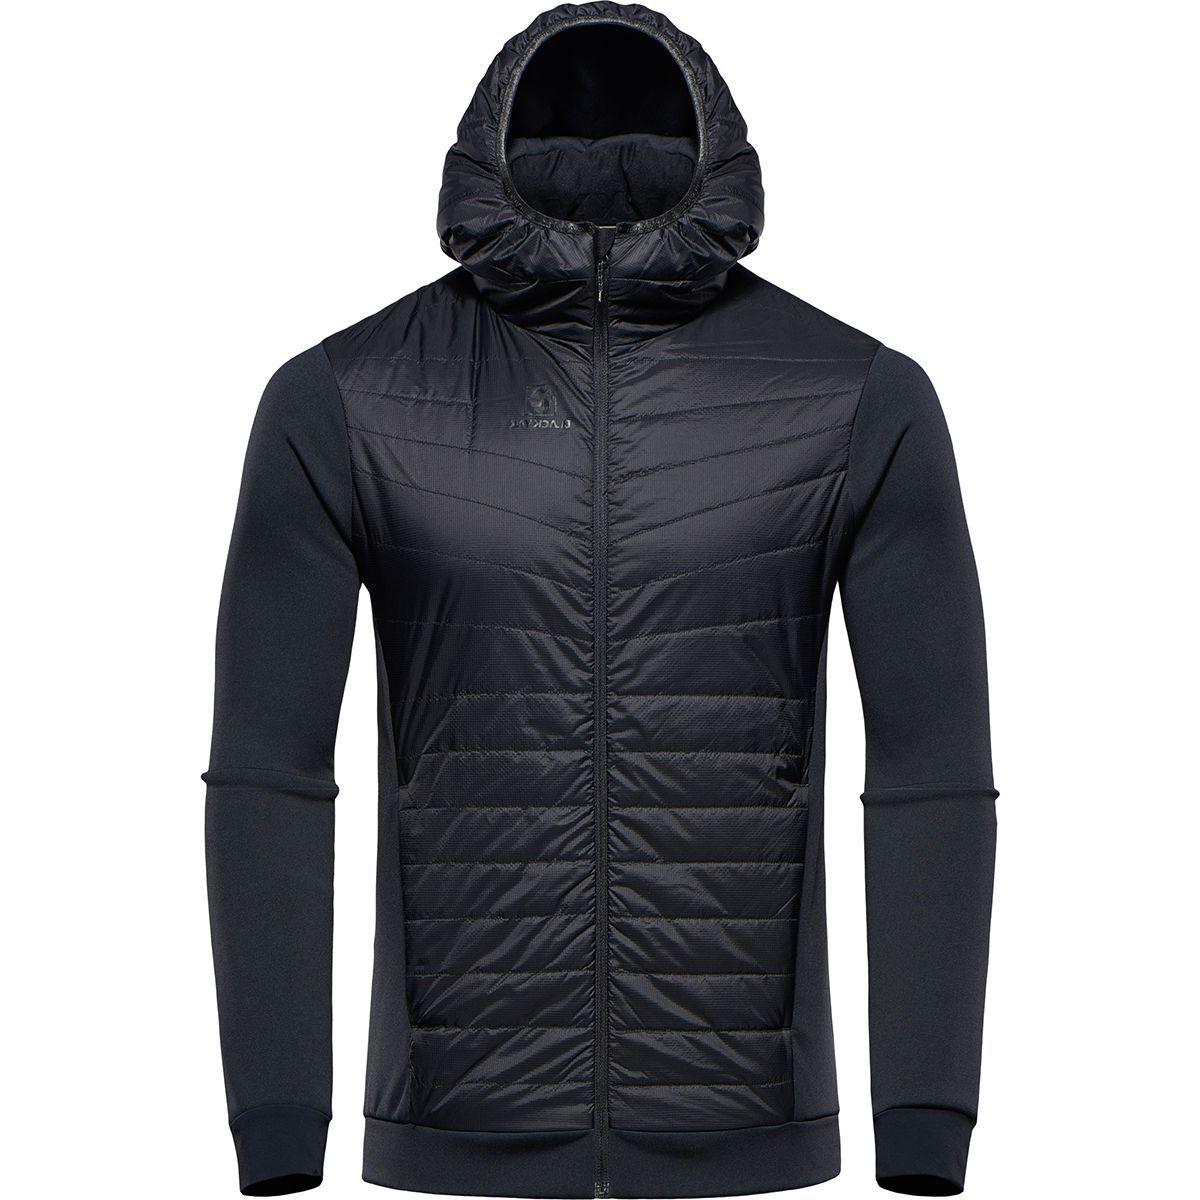 BLACKYAK Burlina Hooded Jacket - Men's